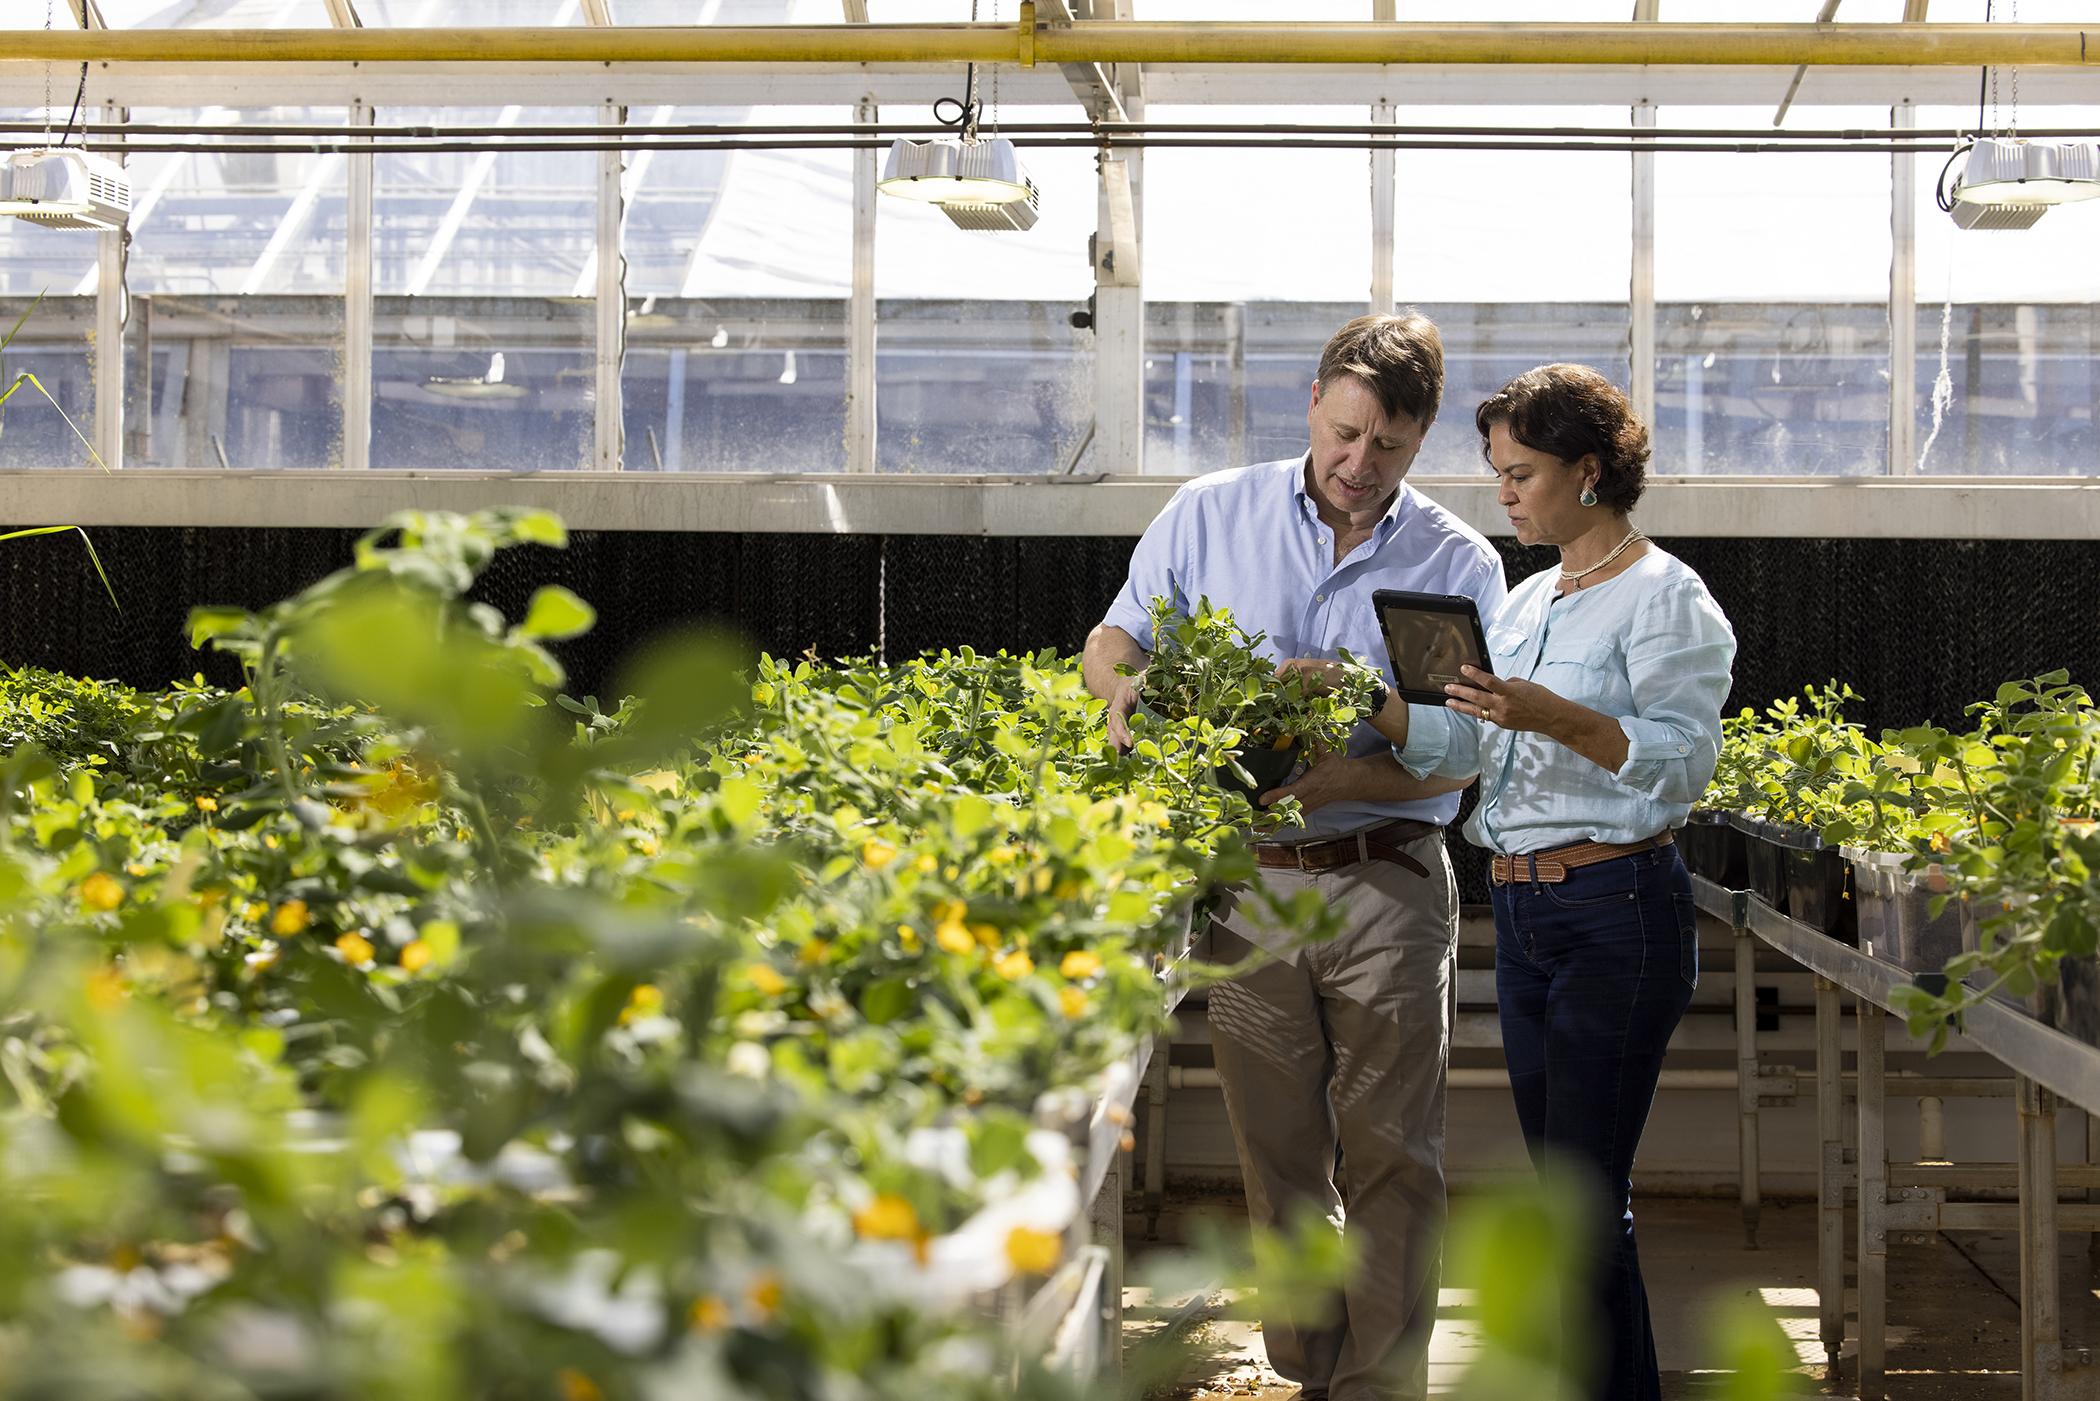 Bertiolis in greenhouse